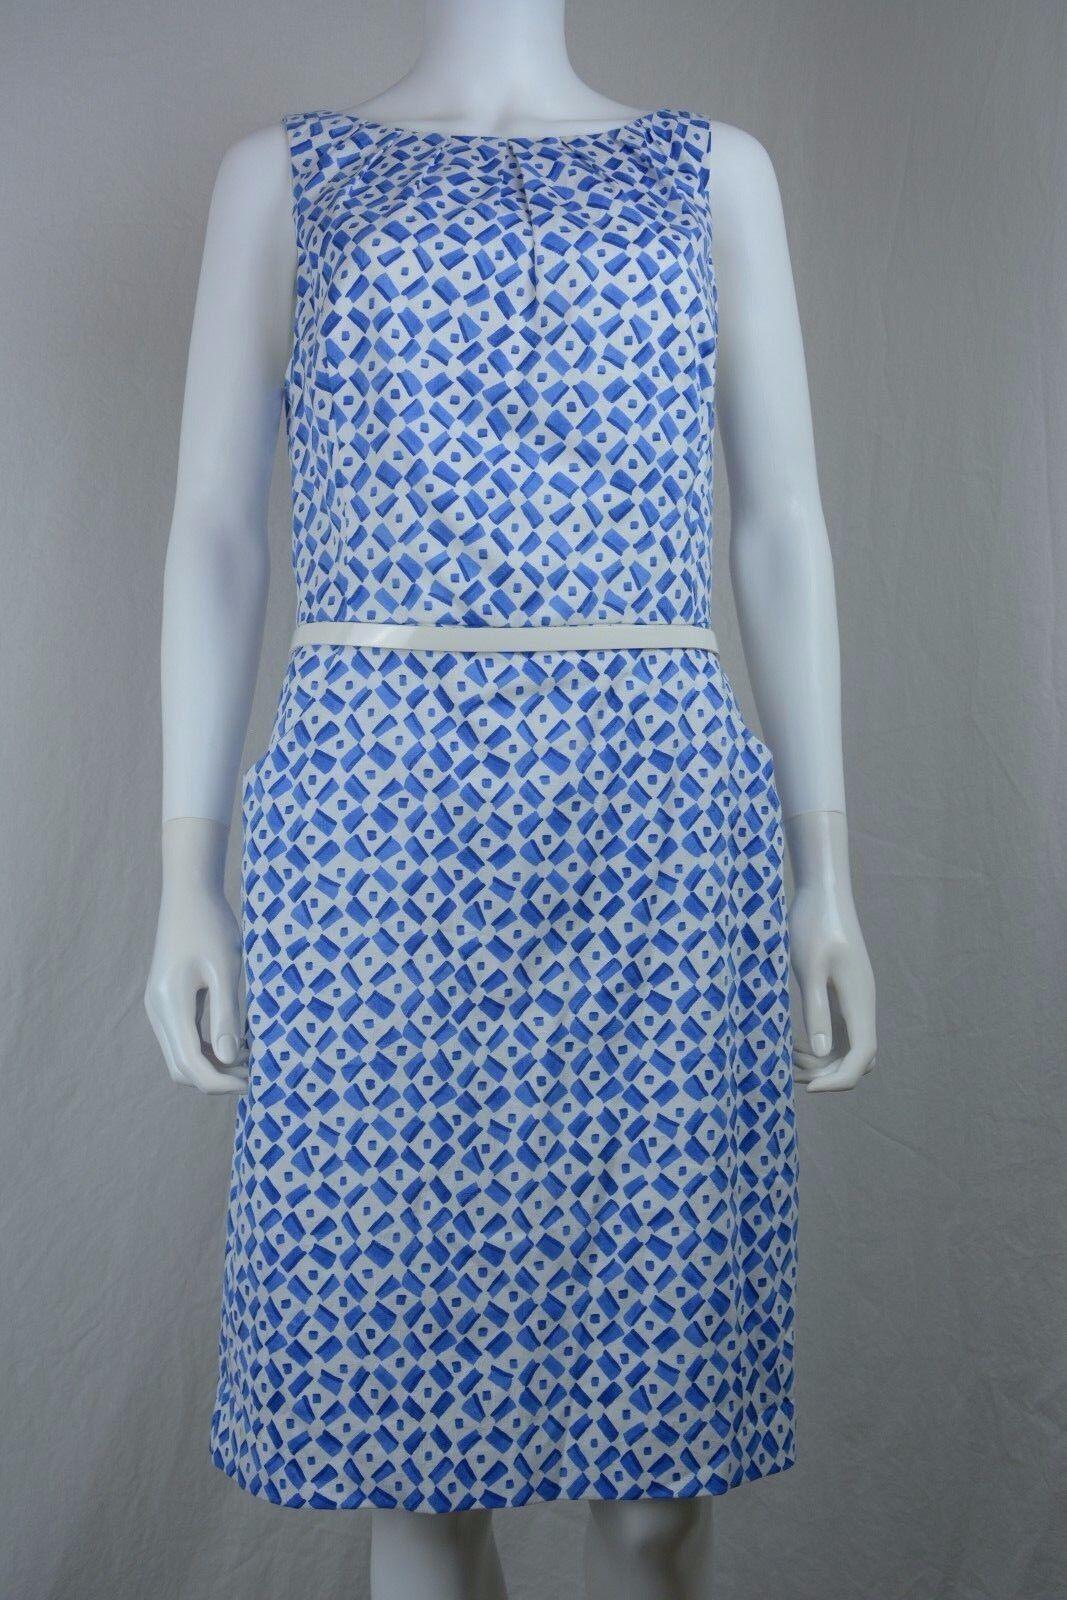 Women's Ralph Lauren size 14 bluee Belted Sleeveless Sheath Dress NEW NWT